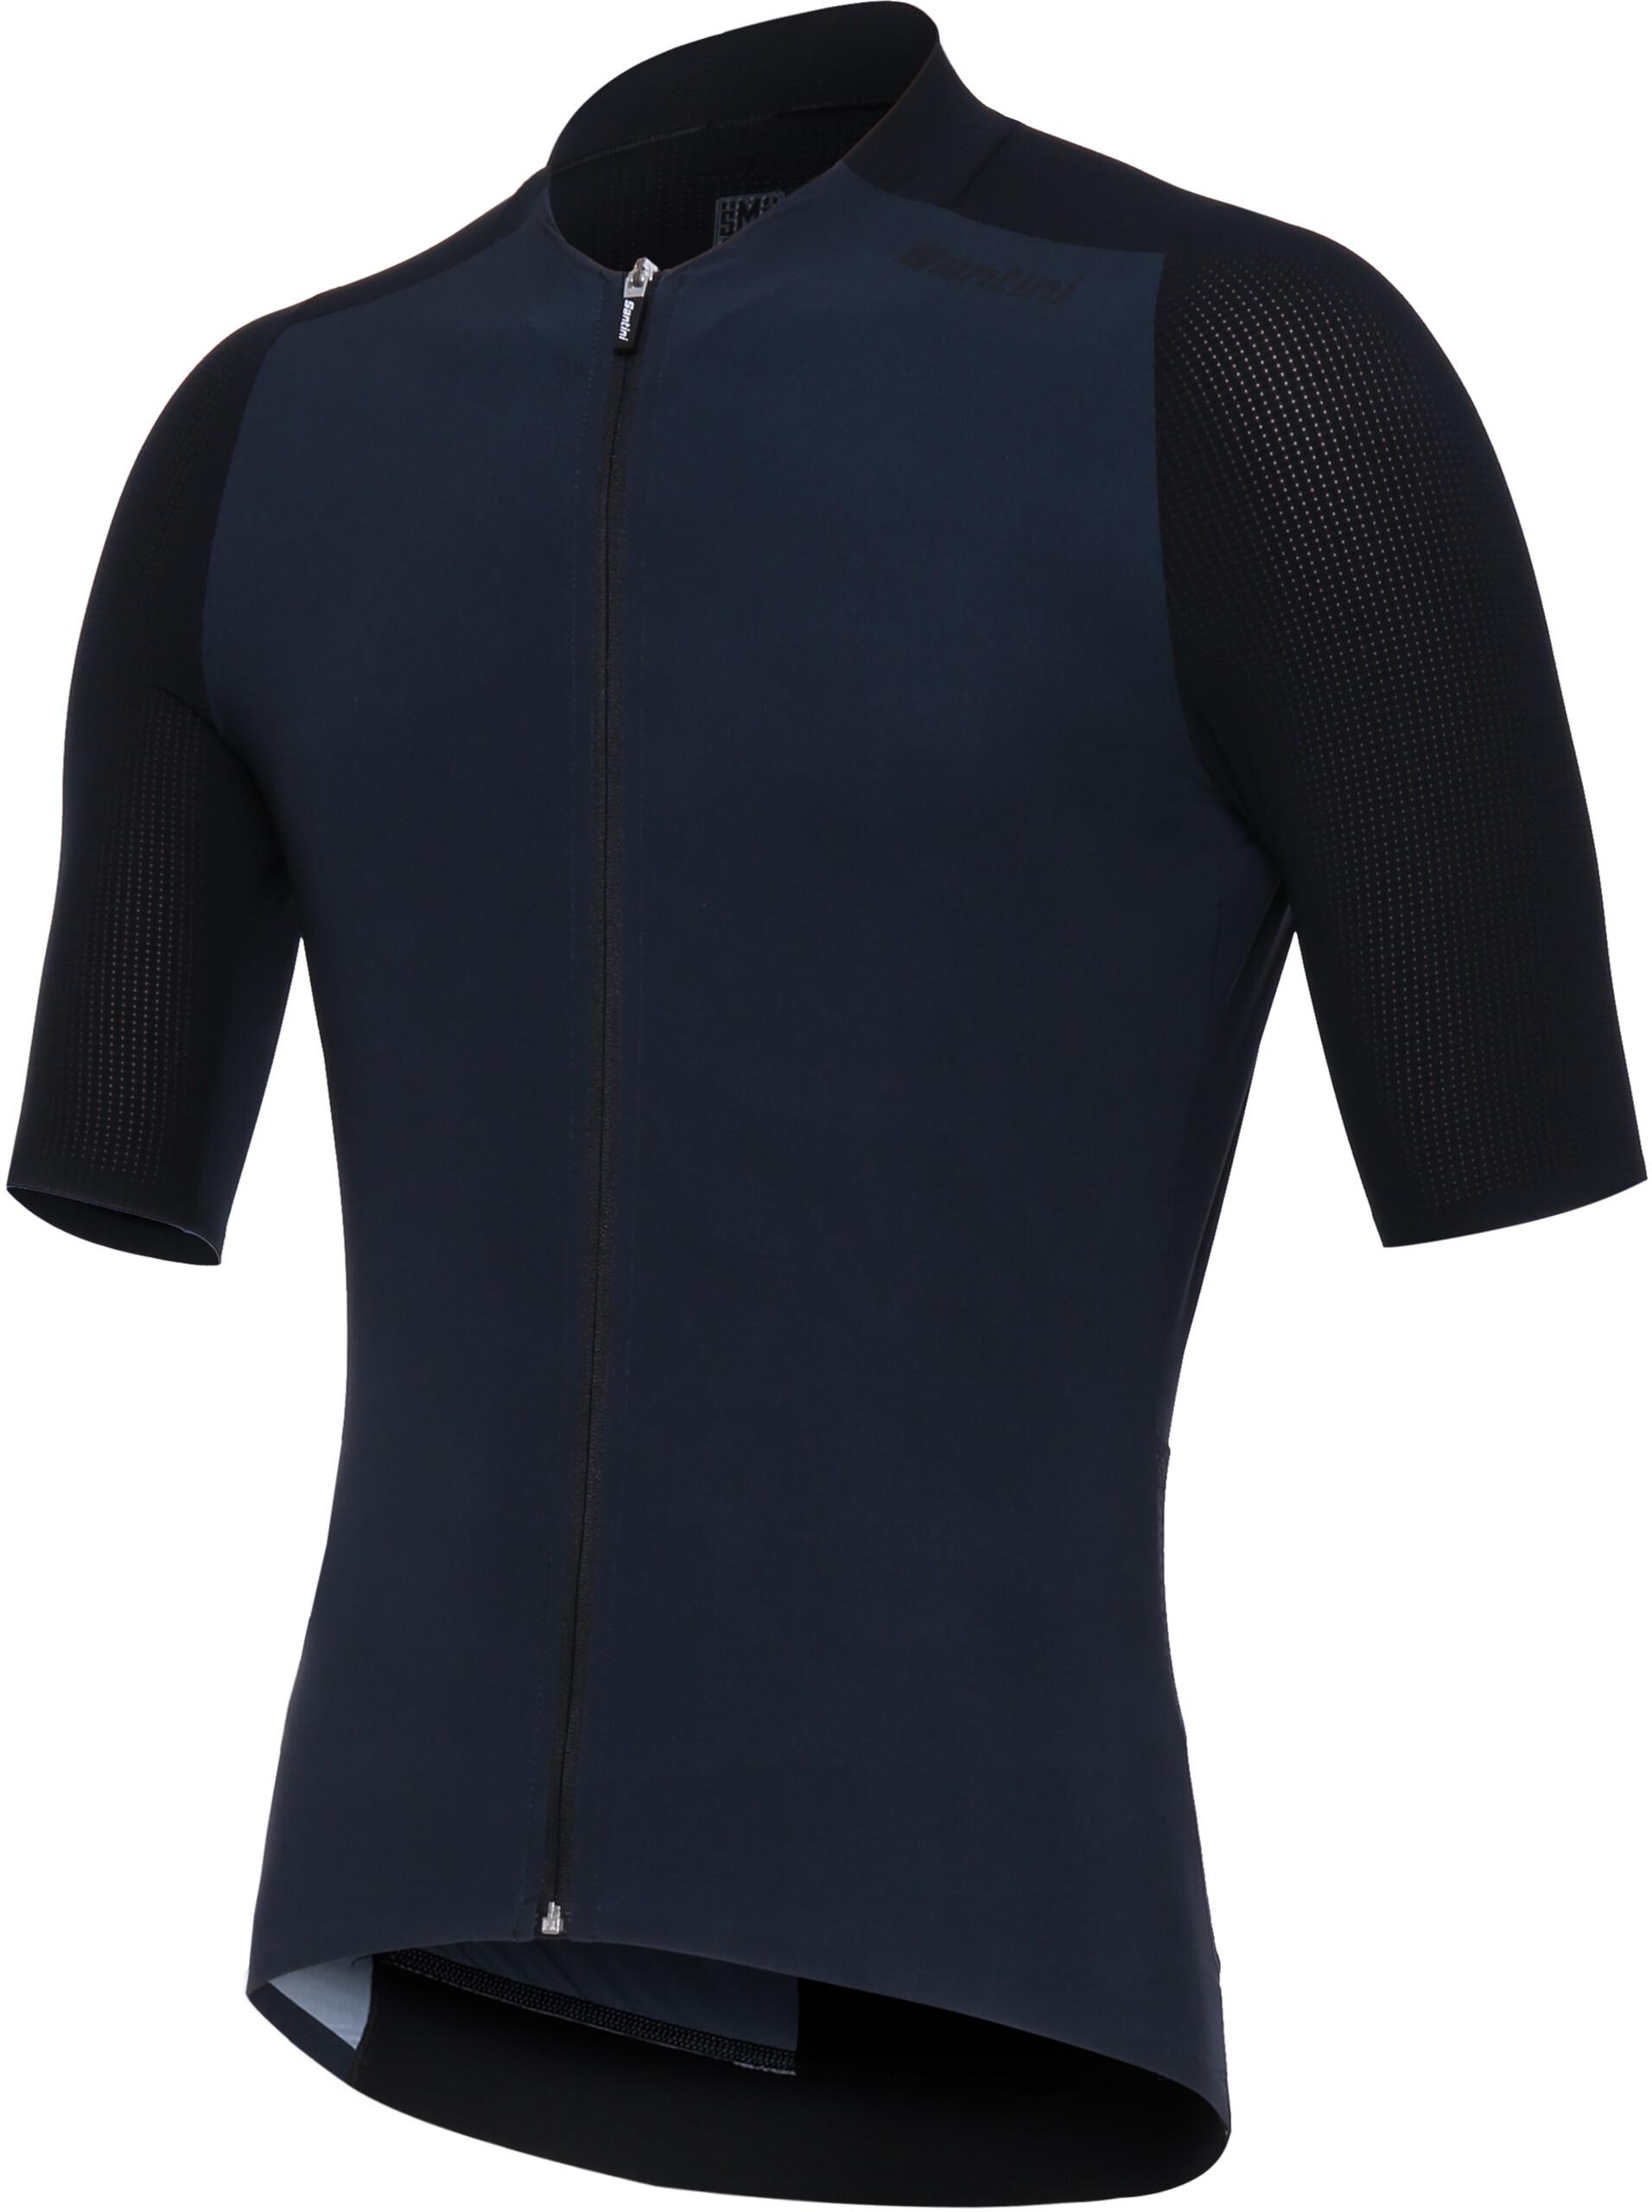 7994e01b3e69 Santini Genio maglietta a maniche corte Uomo, nero su Bikester